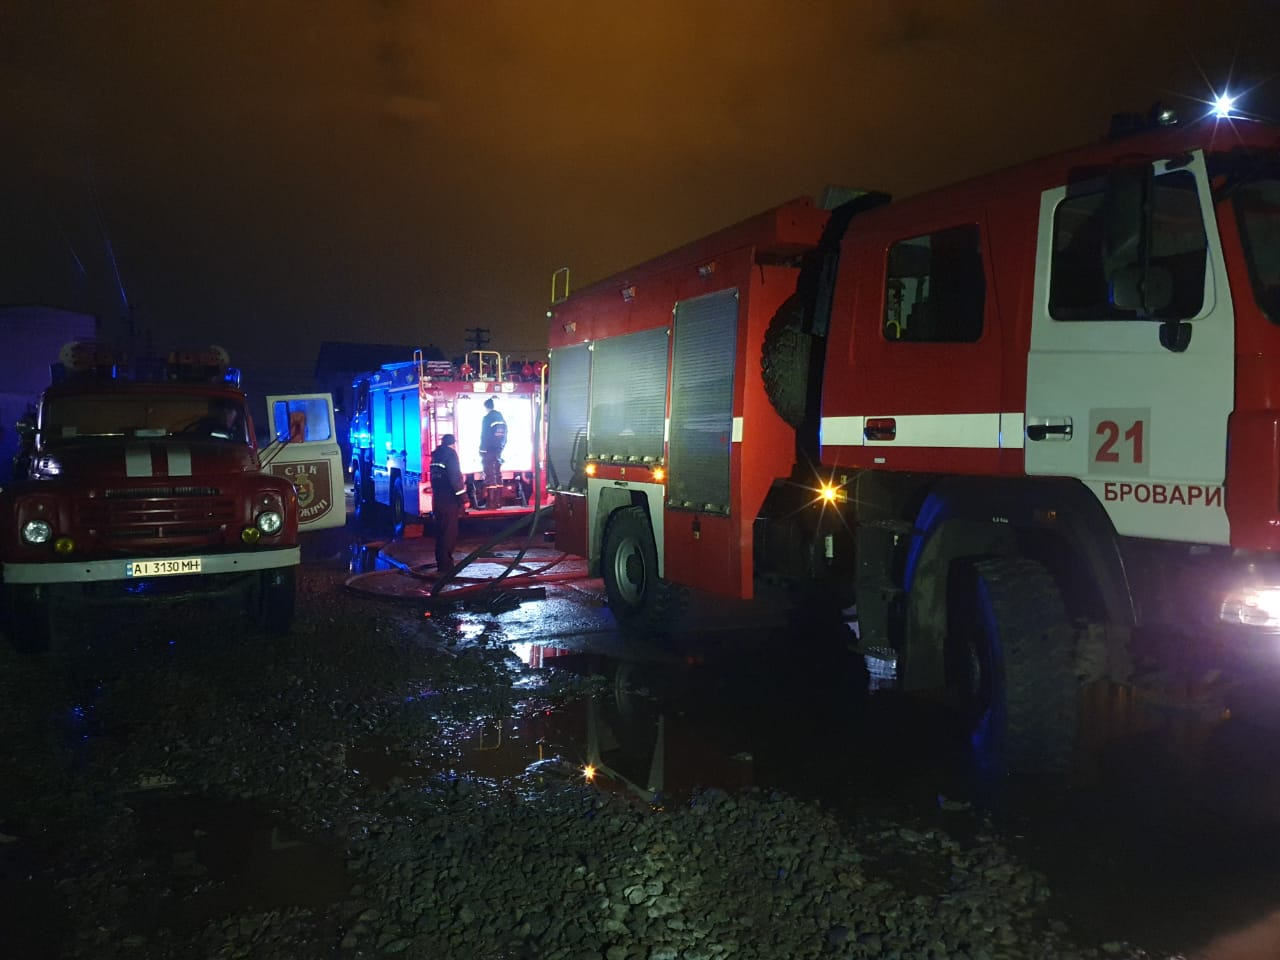 Масштабну пожежу на Броварщині гасили майже 40 вогнеборців - рятувальники, пожежа, масштабна пожежа, вогнеборці - 08 57 49